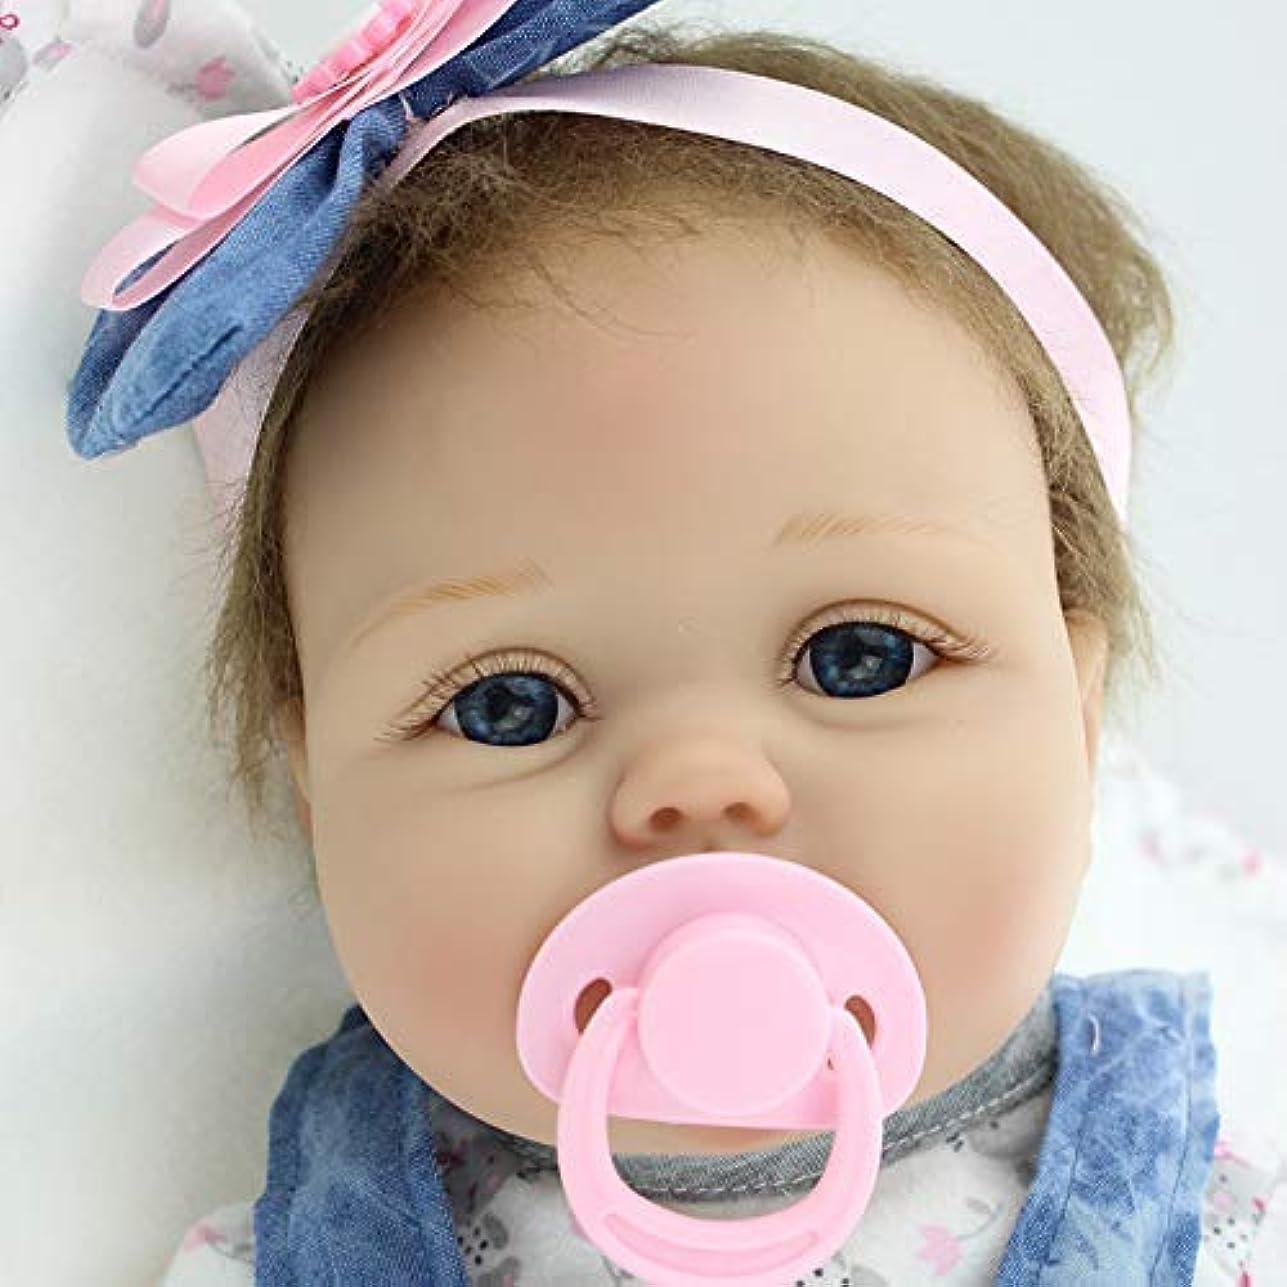 はさみ会員改善する手作り実生活かわいいデニムドレス瞳と21.6インチの柔らかいシリコーンビニール布ボディリボーン赤ちゃんの人形リアルな女の子のおもちゃクリスマスのギフトを開設します